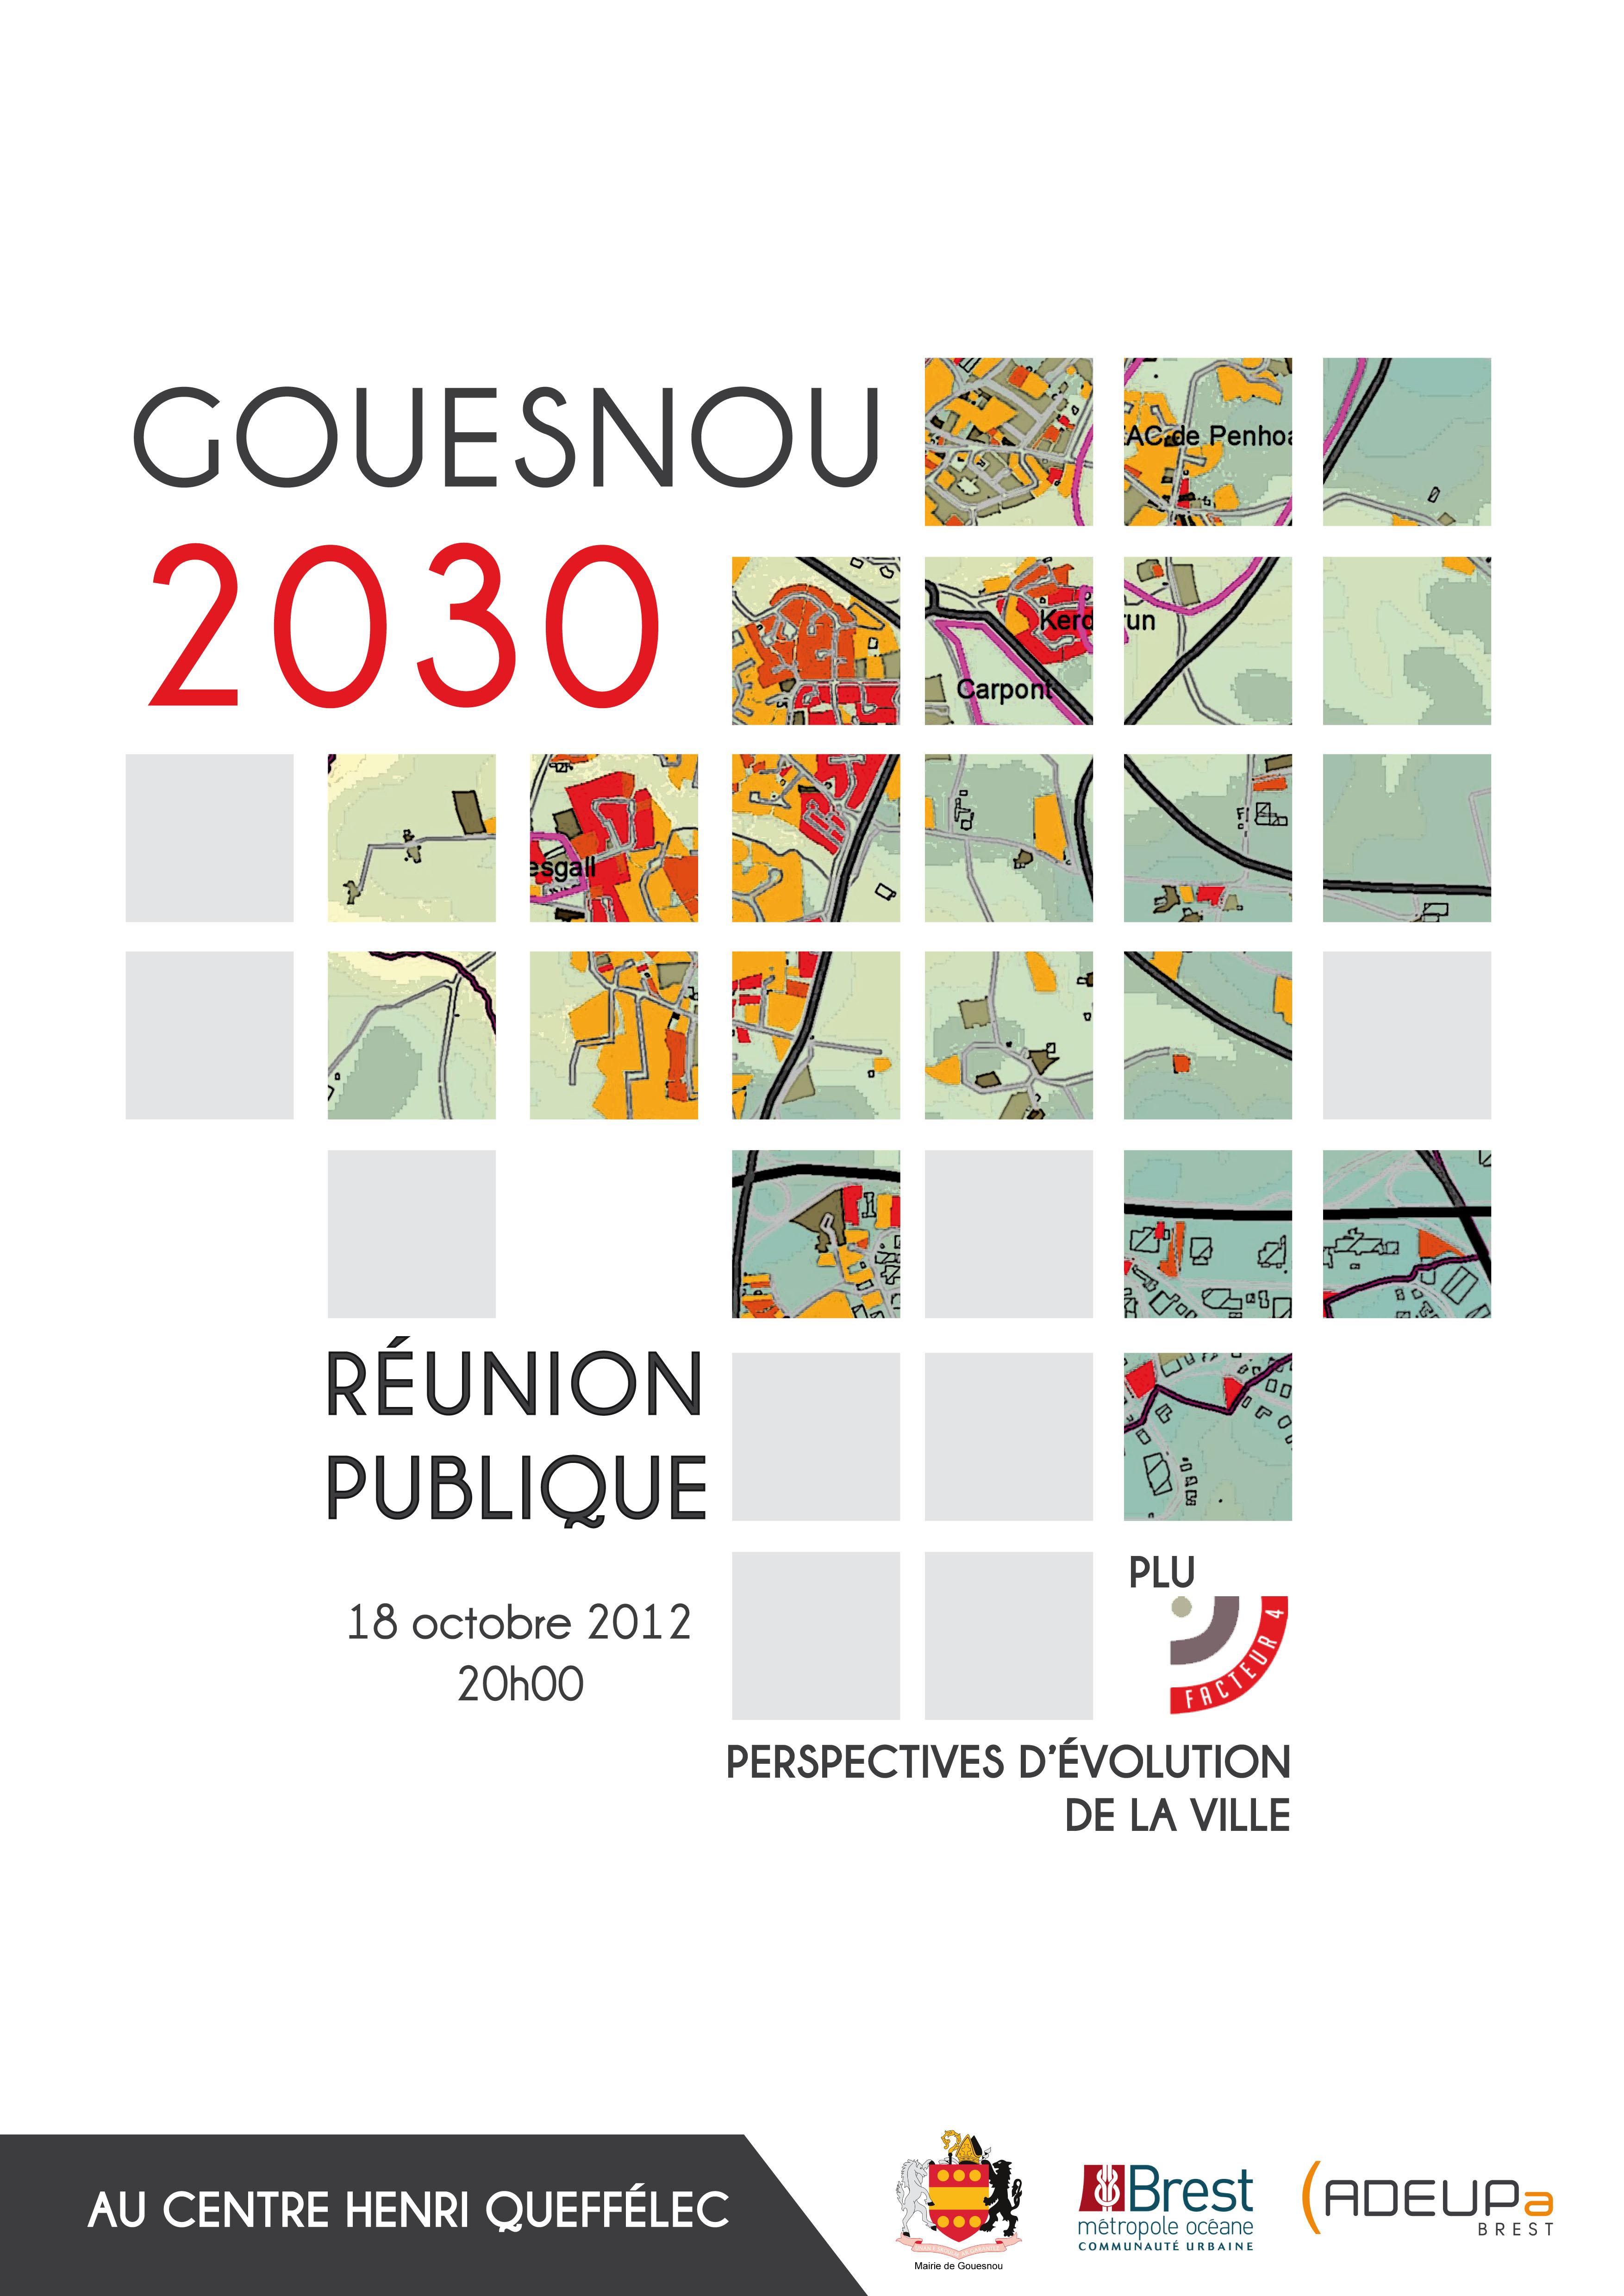 Gouesnou à l'horizon 2030 Perspectives d'évolution